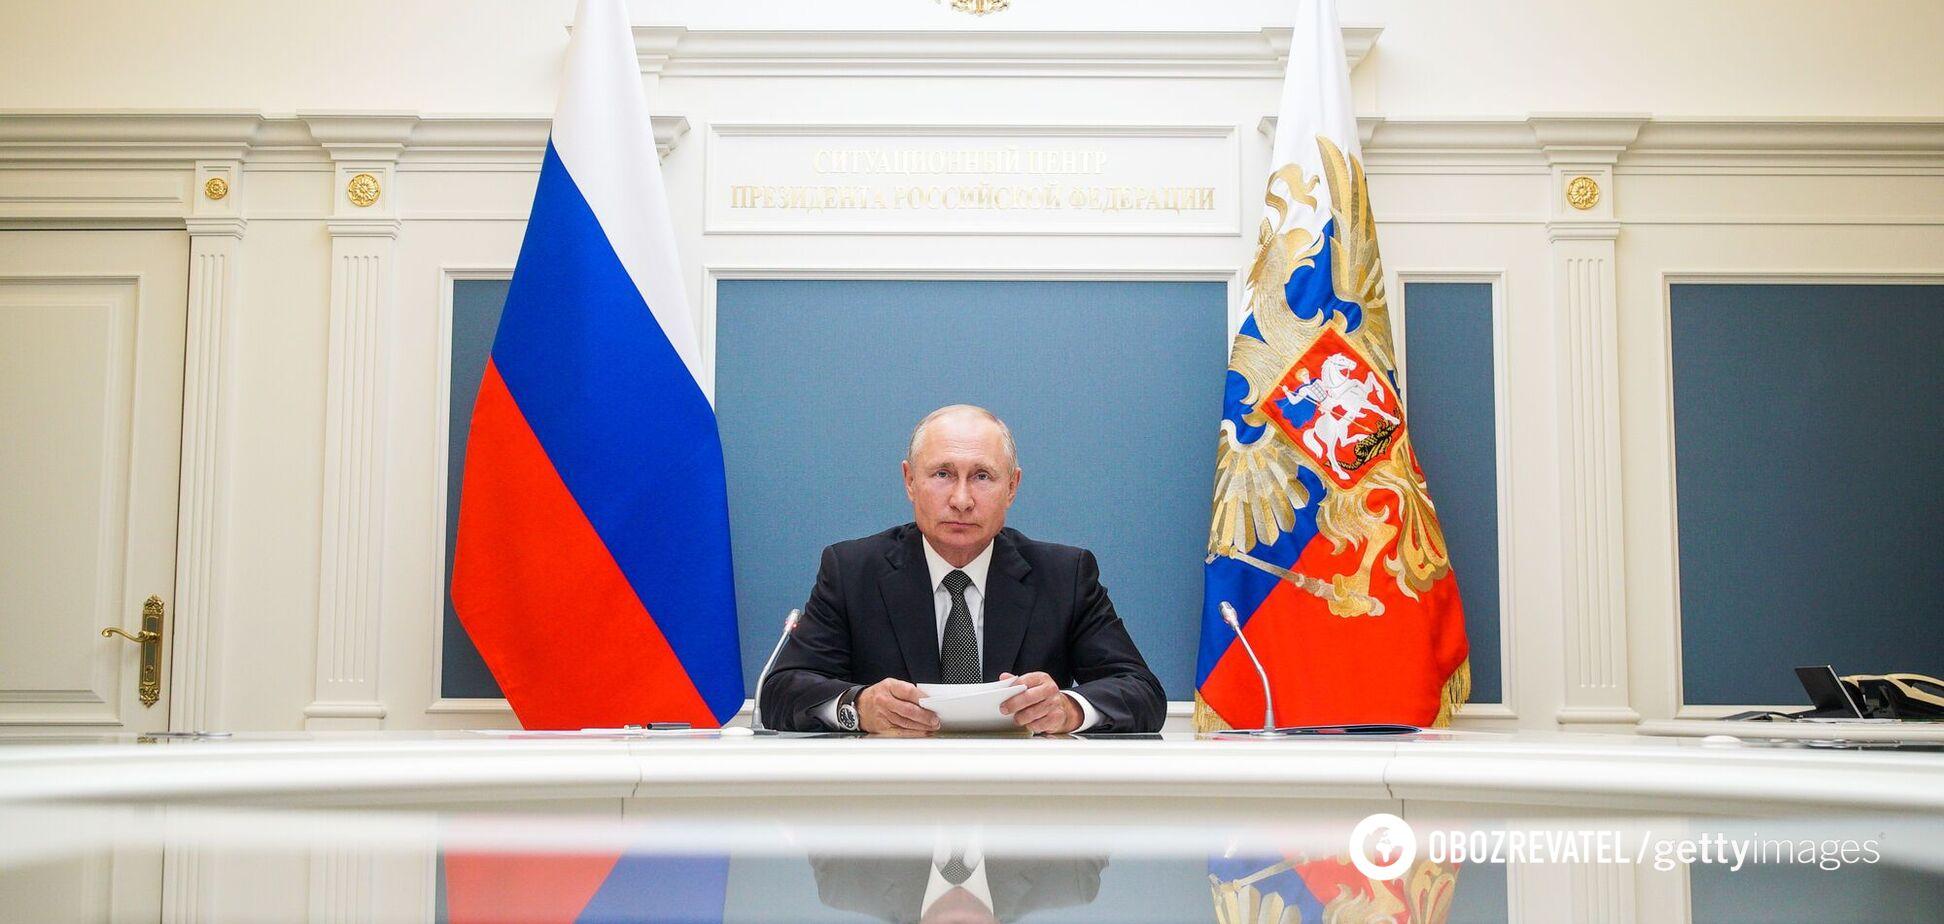 Клімкін назвав найбільший геополітичний страх Путіна